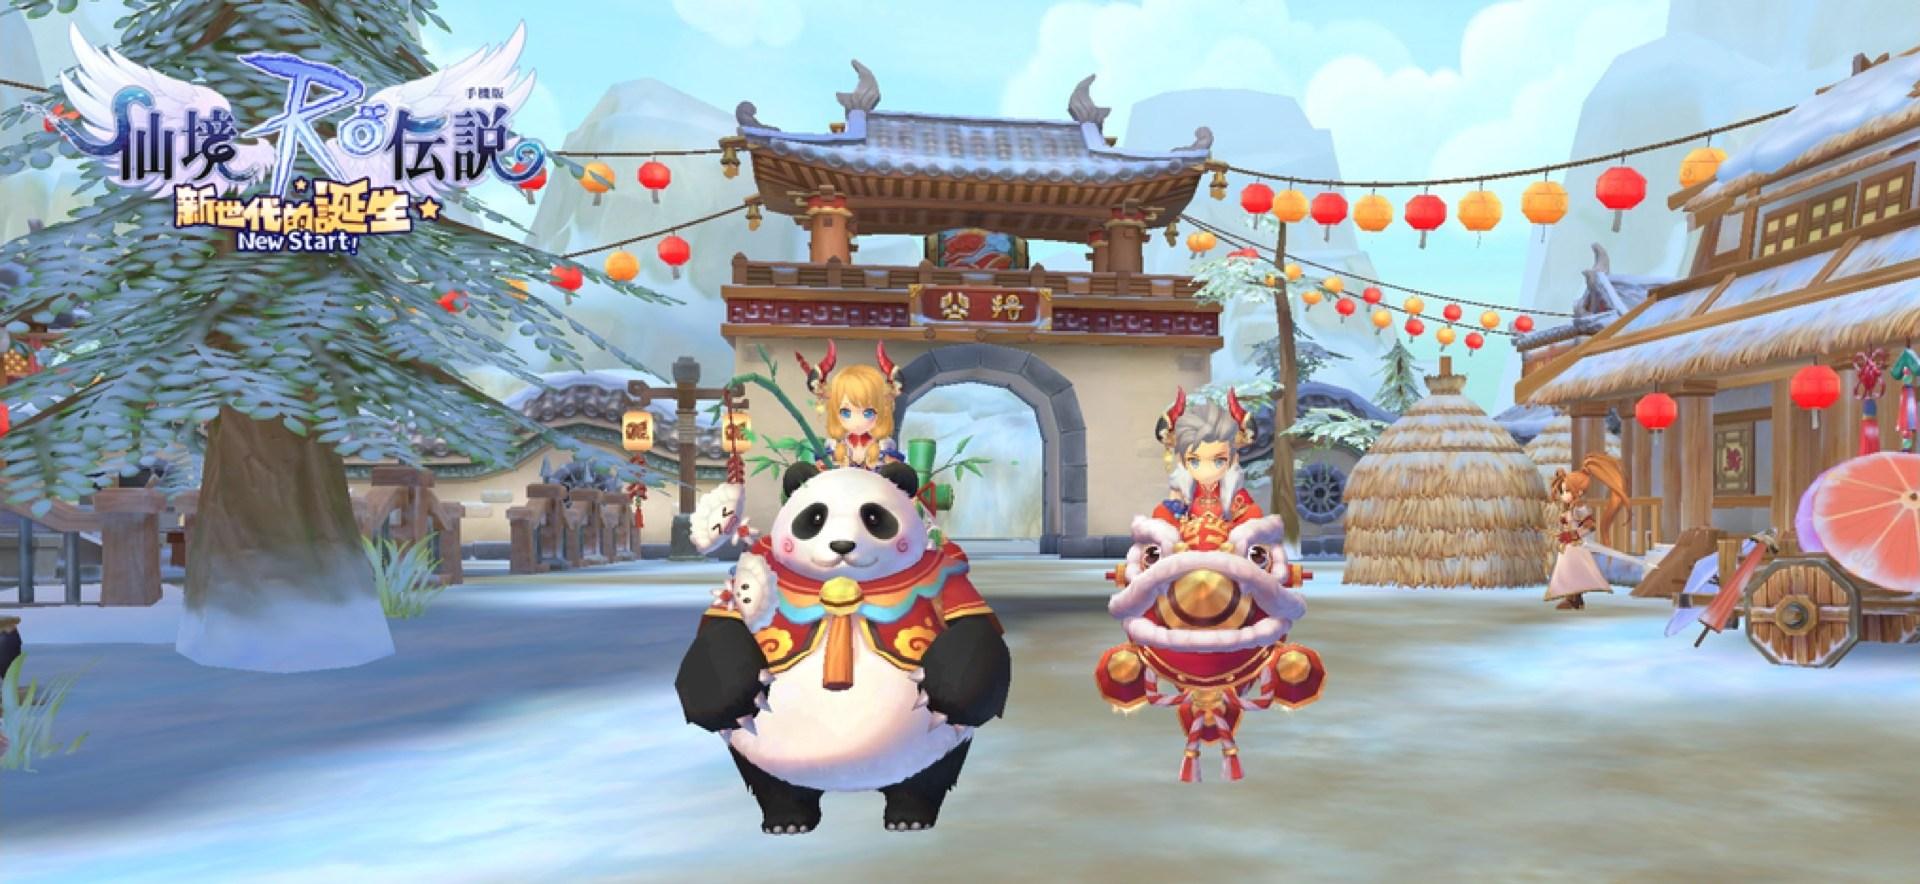 3. 熊貓阿福 VS 獅頭爆竹,你要Pick哪一款?